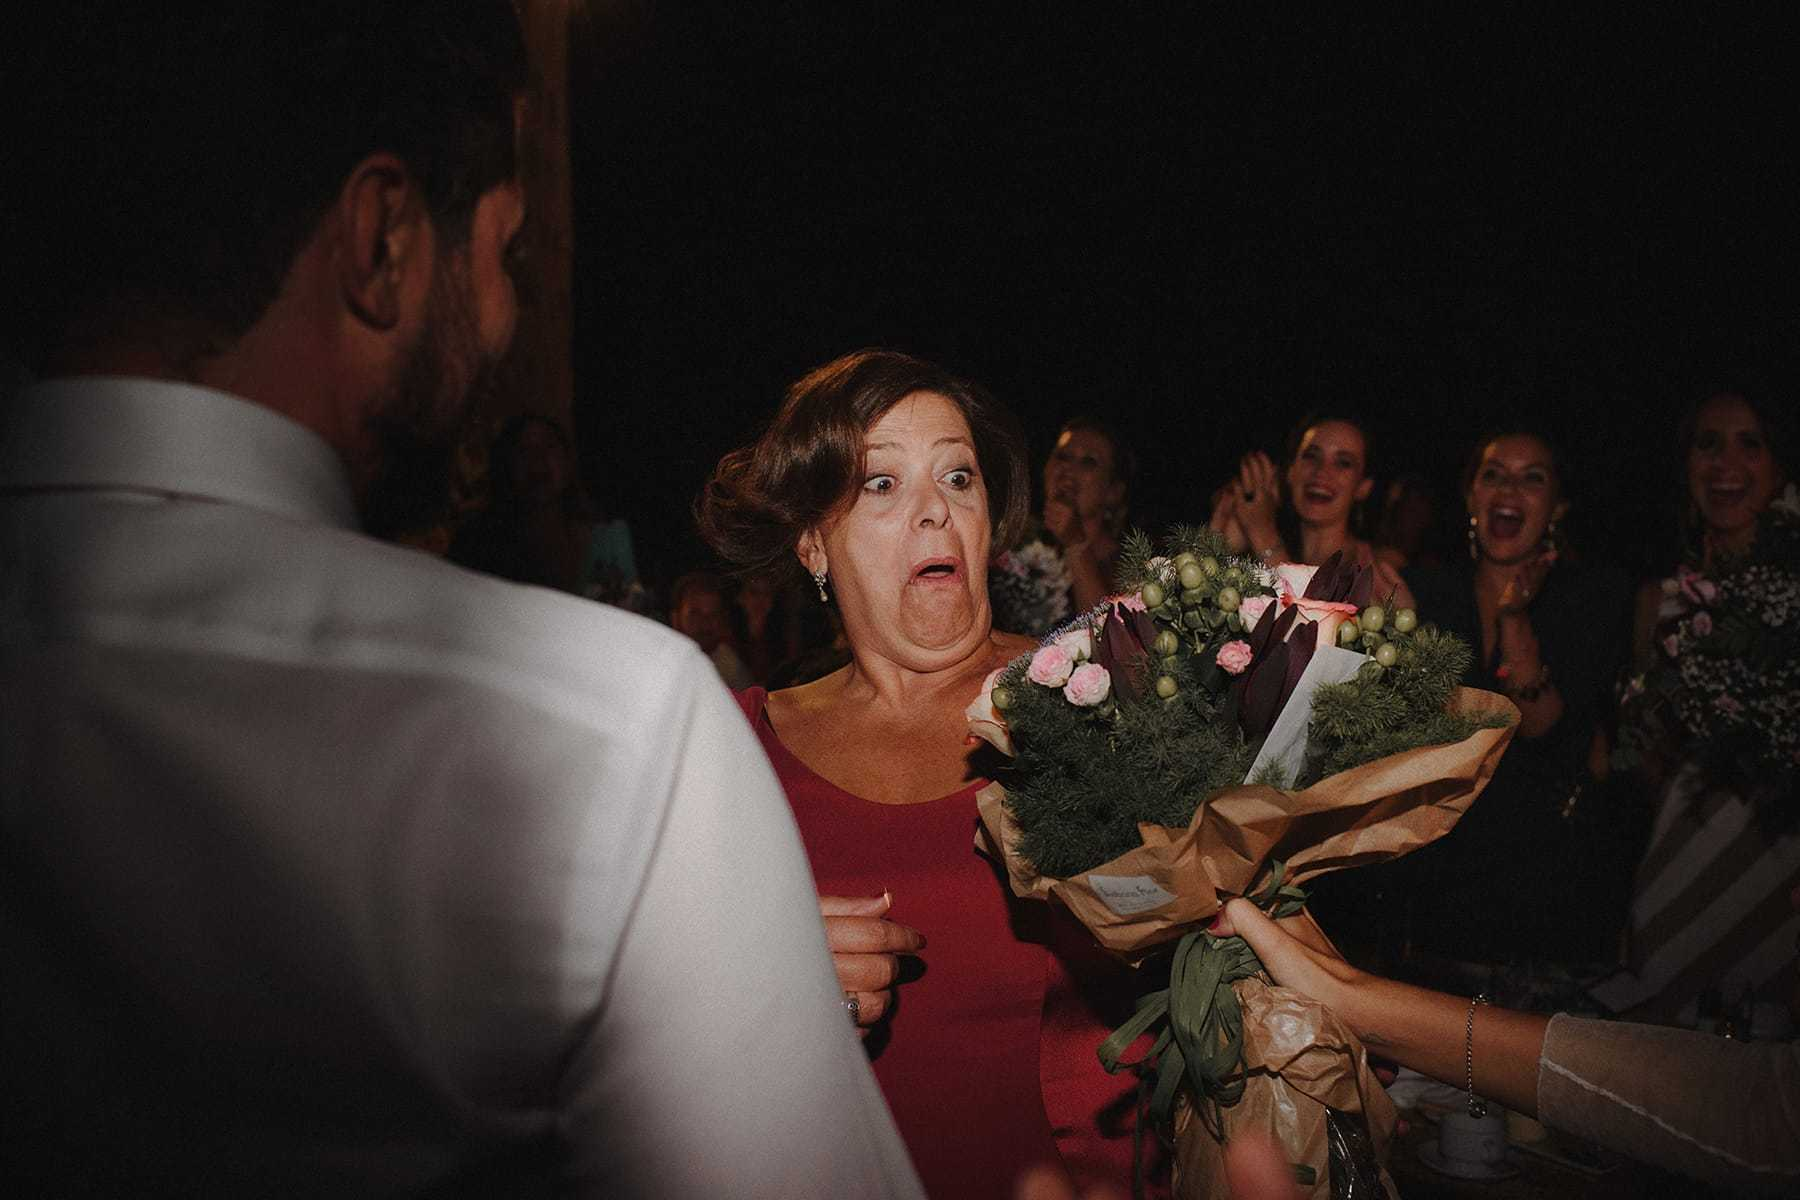 Madre de la novia sorprendida por el regalo de un ramo de flores de Flores en el columpio